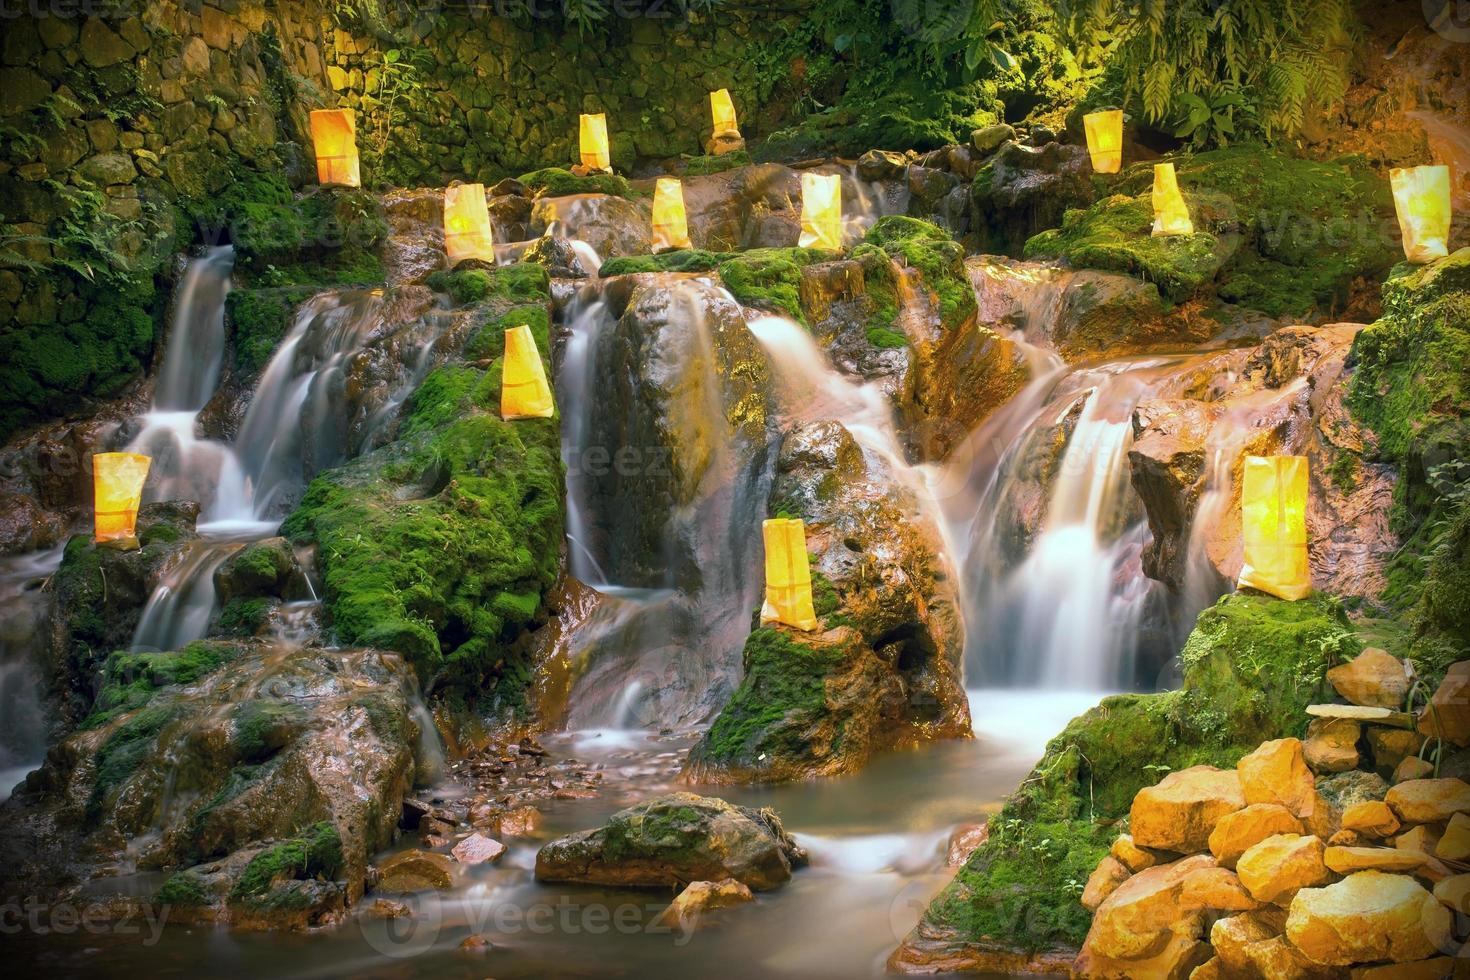 la nature avec une cascade qui a l'air rilex, confortable et rafraîchissante photo